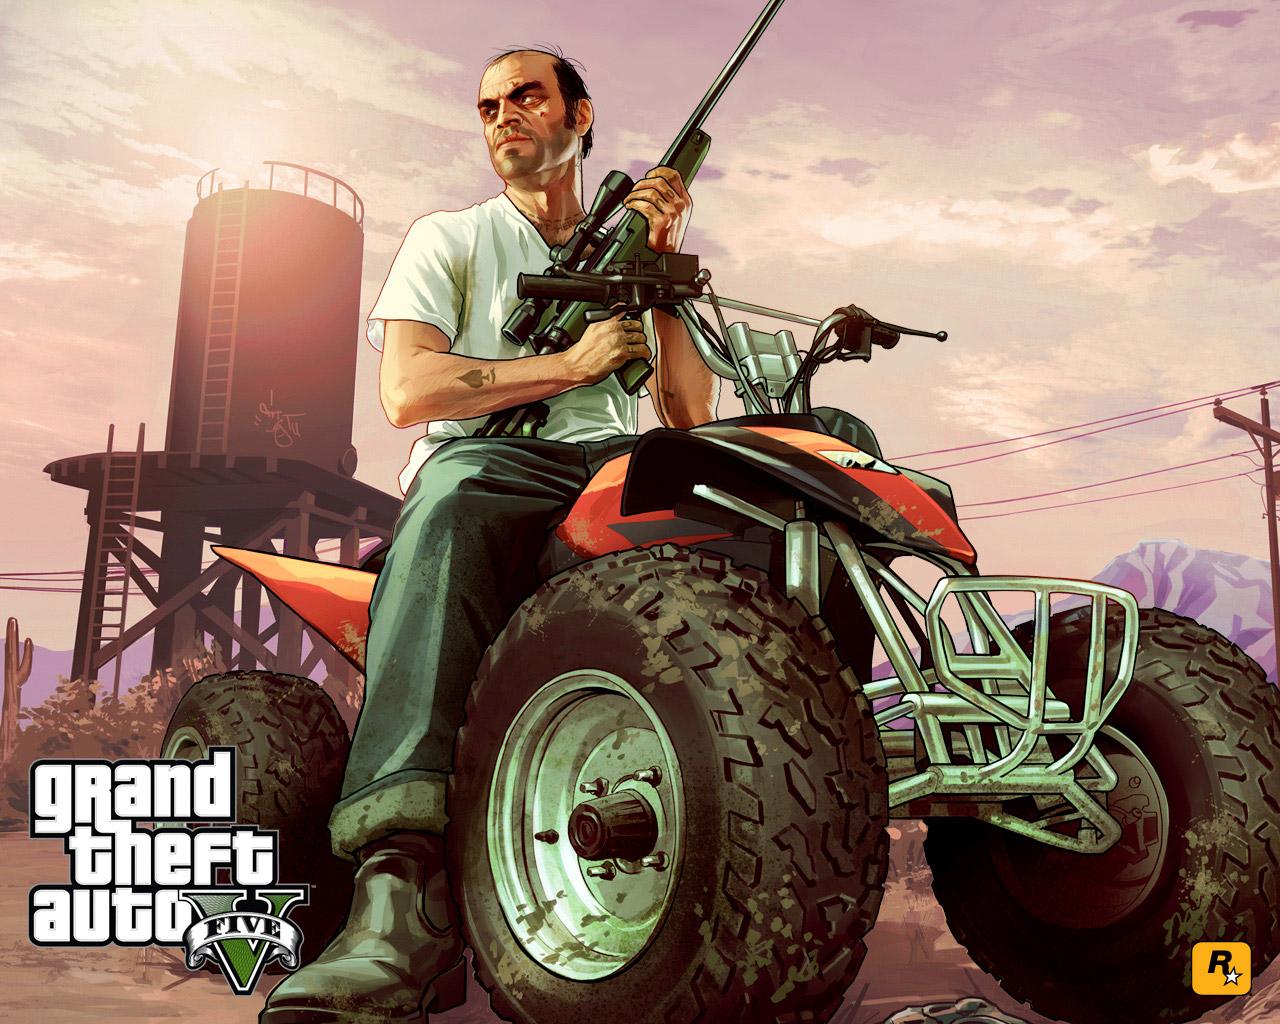 Grand Theft Auto V Wallpaper in 1280x1024